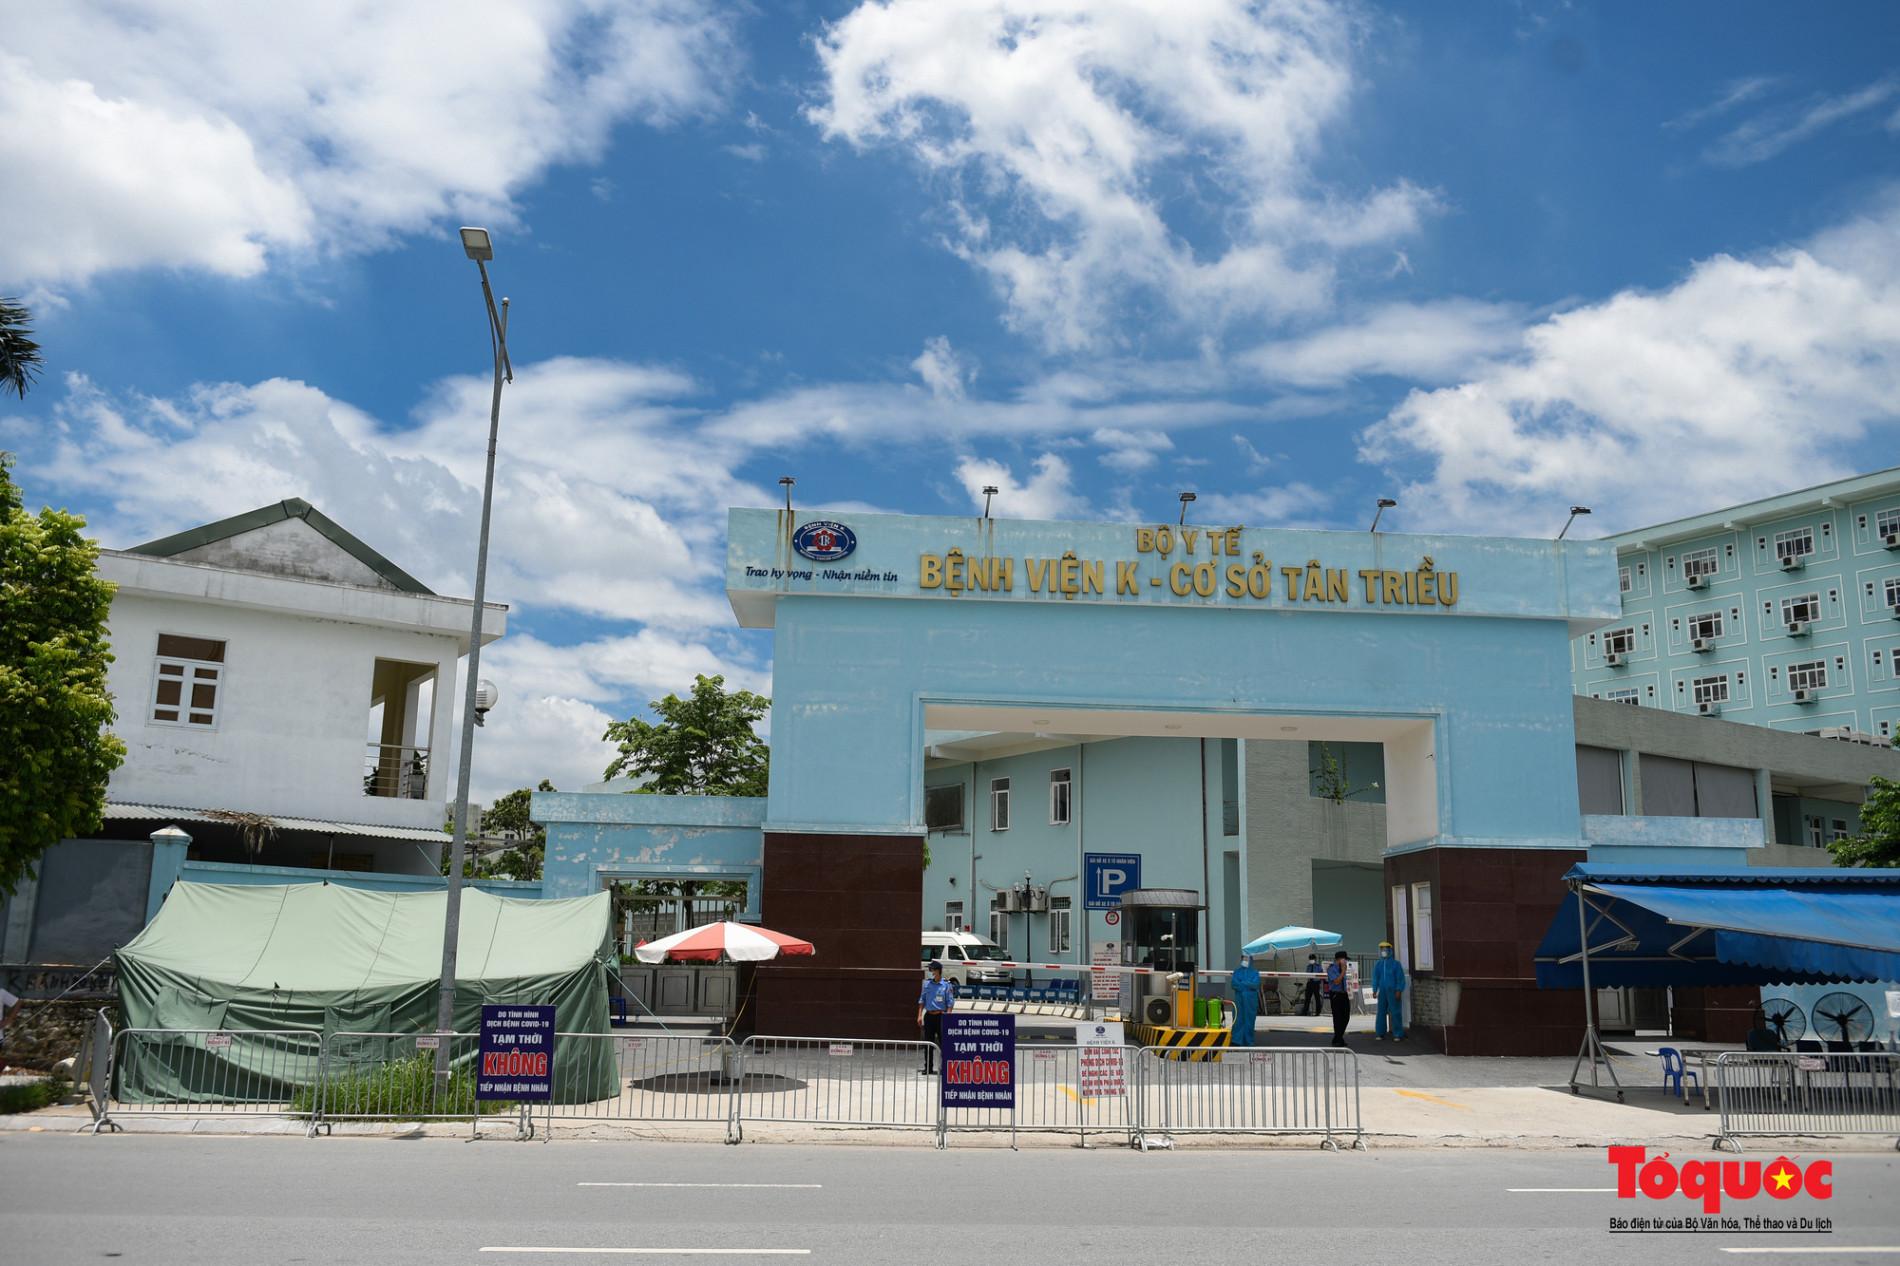 Hà Nội: Chính thức kết thúc cách ly y tế Bệnh viện K Tân Triều - Ảnh 10.